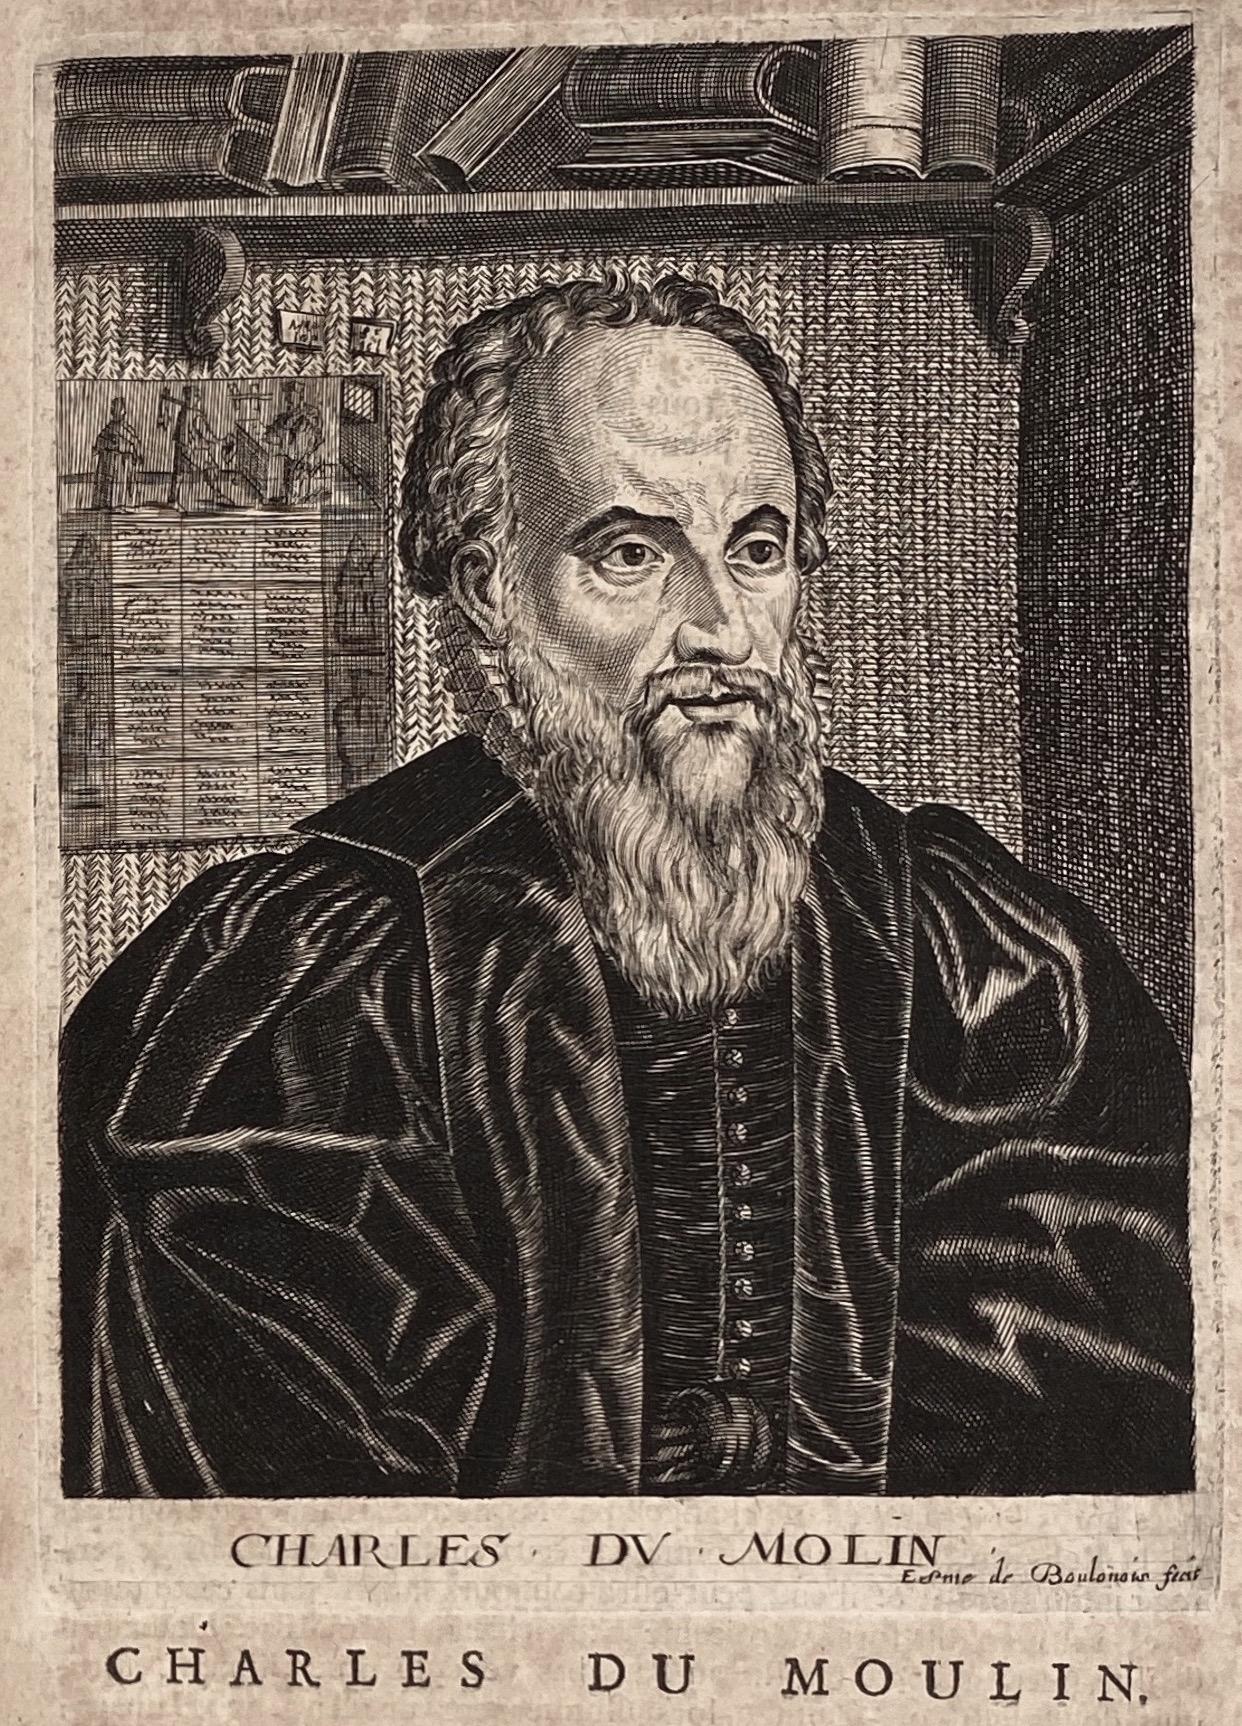 Charles Du Moulin